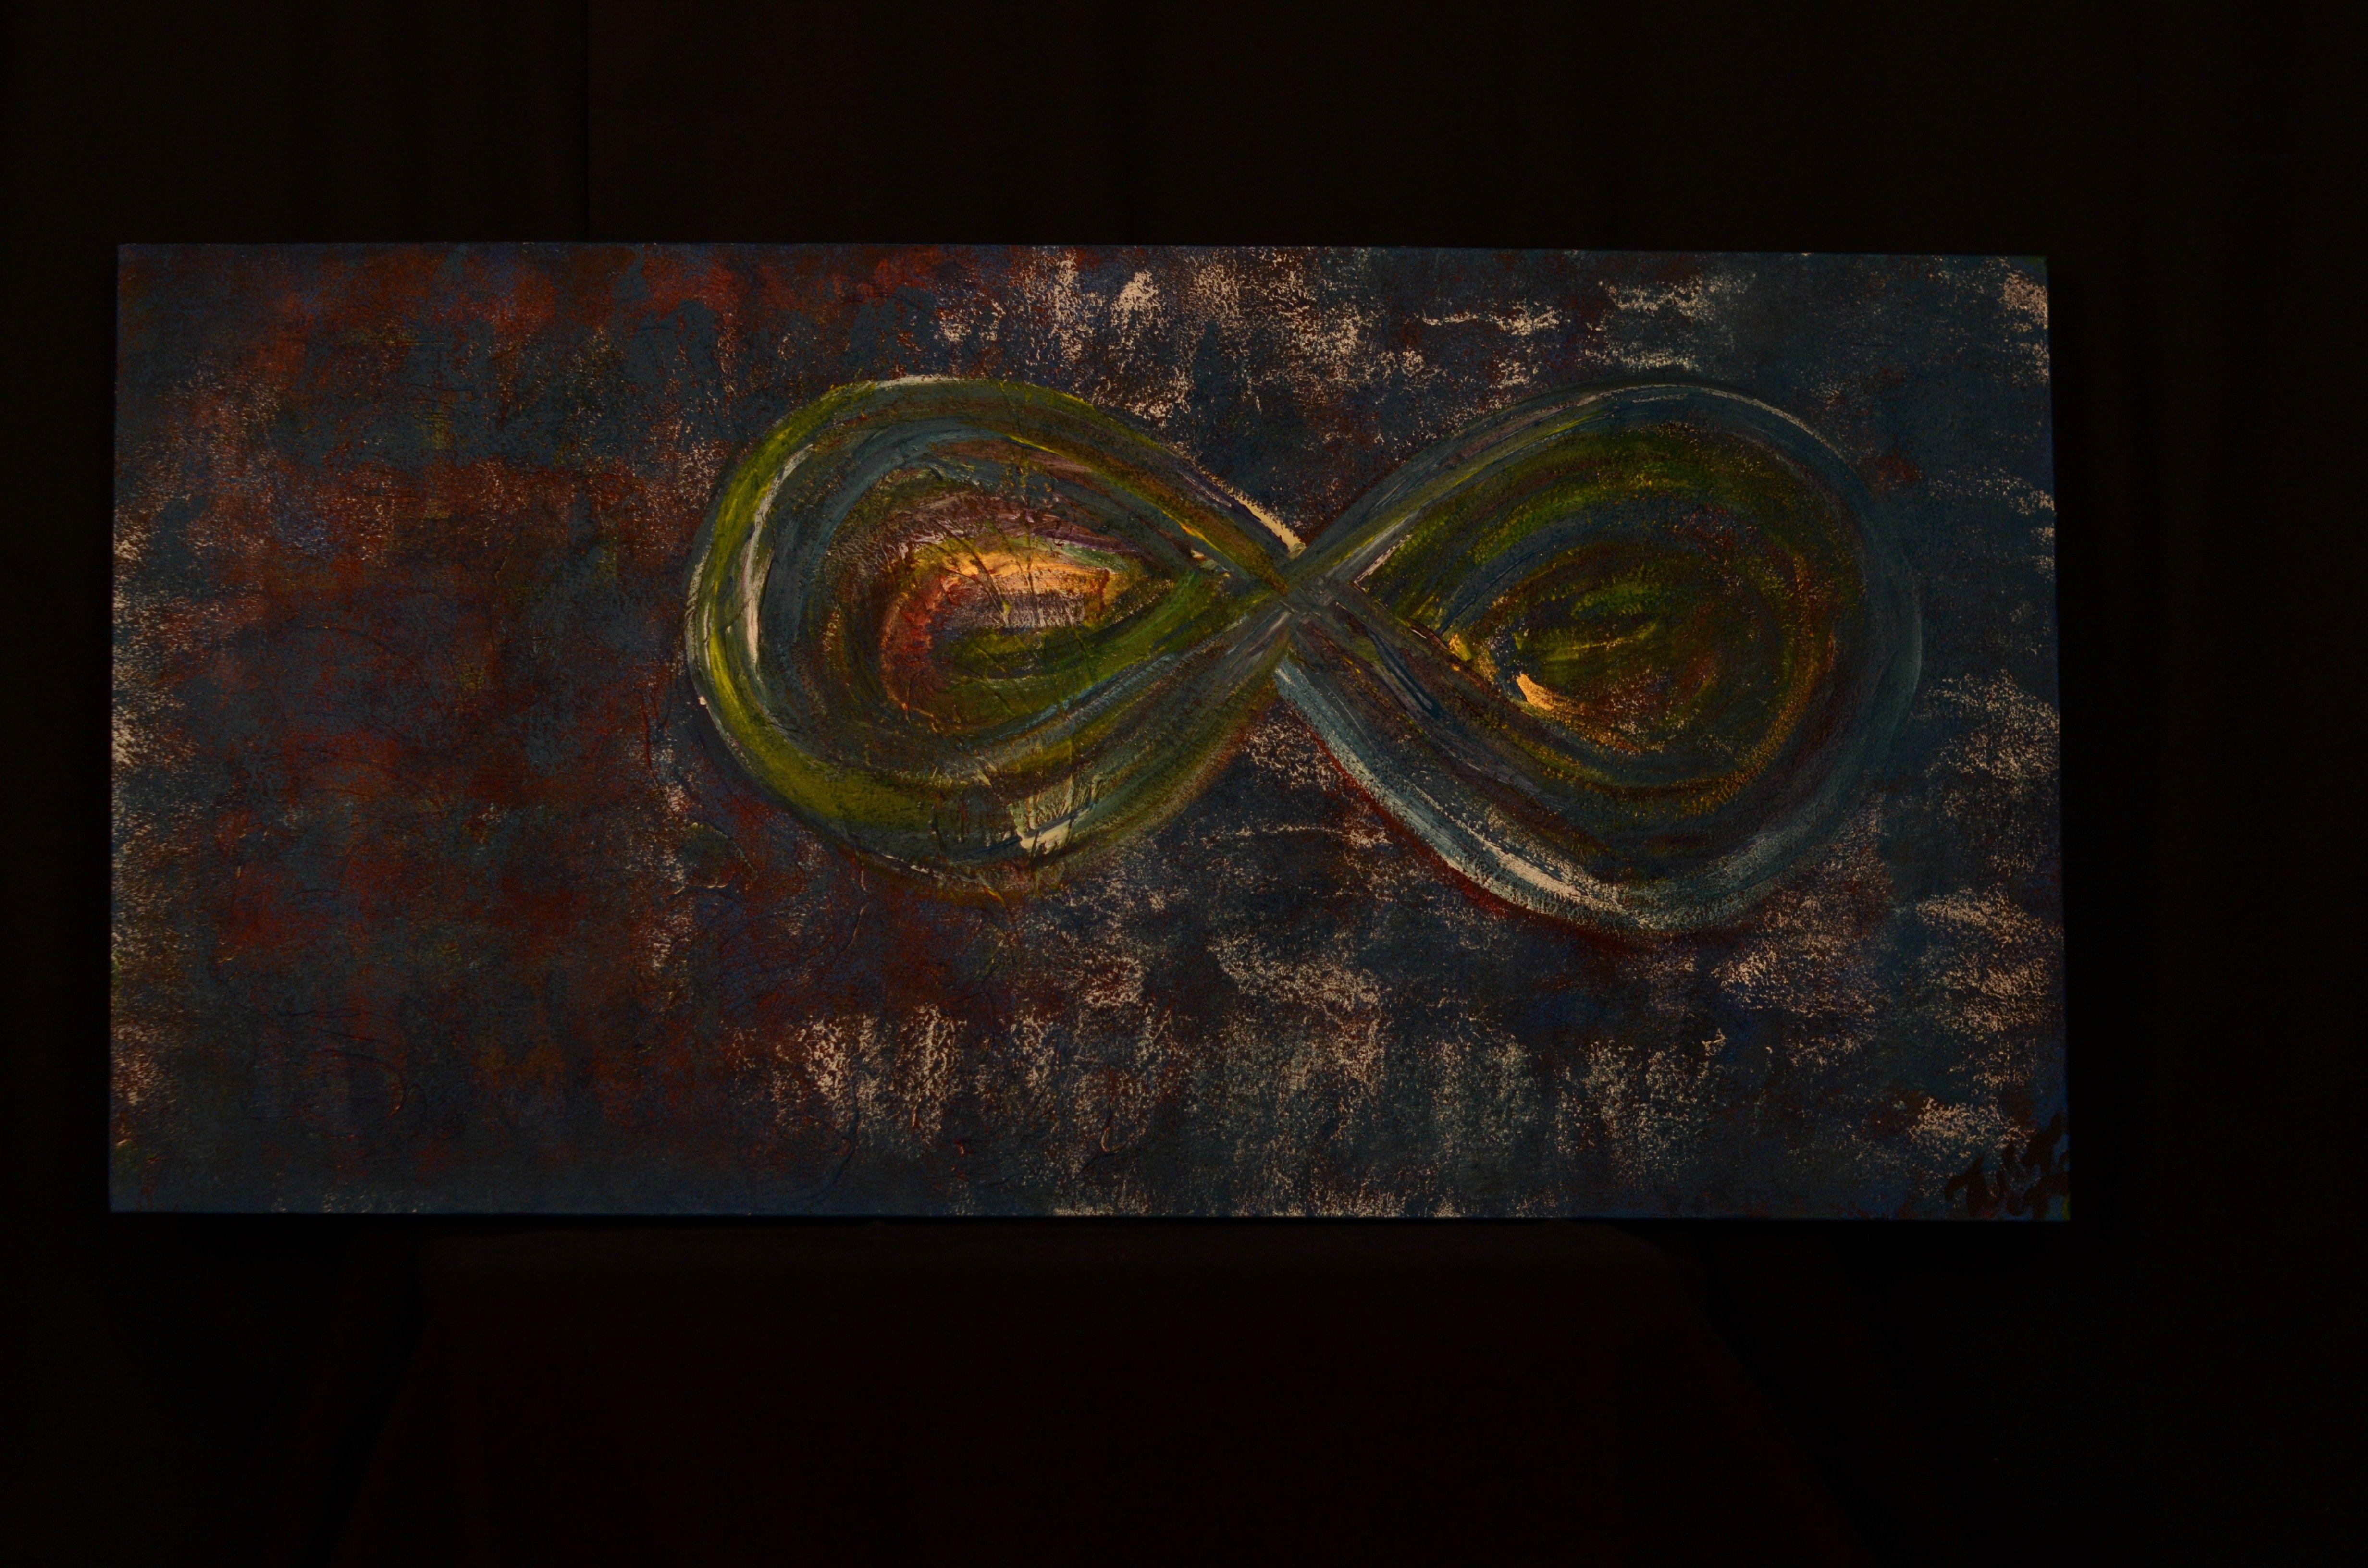 """""""Oneindig geluk!"""": De hemelse kleuren, het oneindige teken gevuld met kleuren. Oneindig geluk, iedereen is gevuld met dit teken!"""